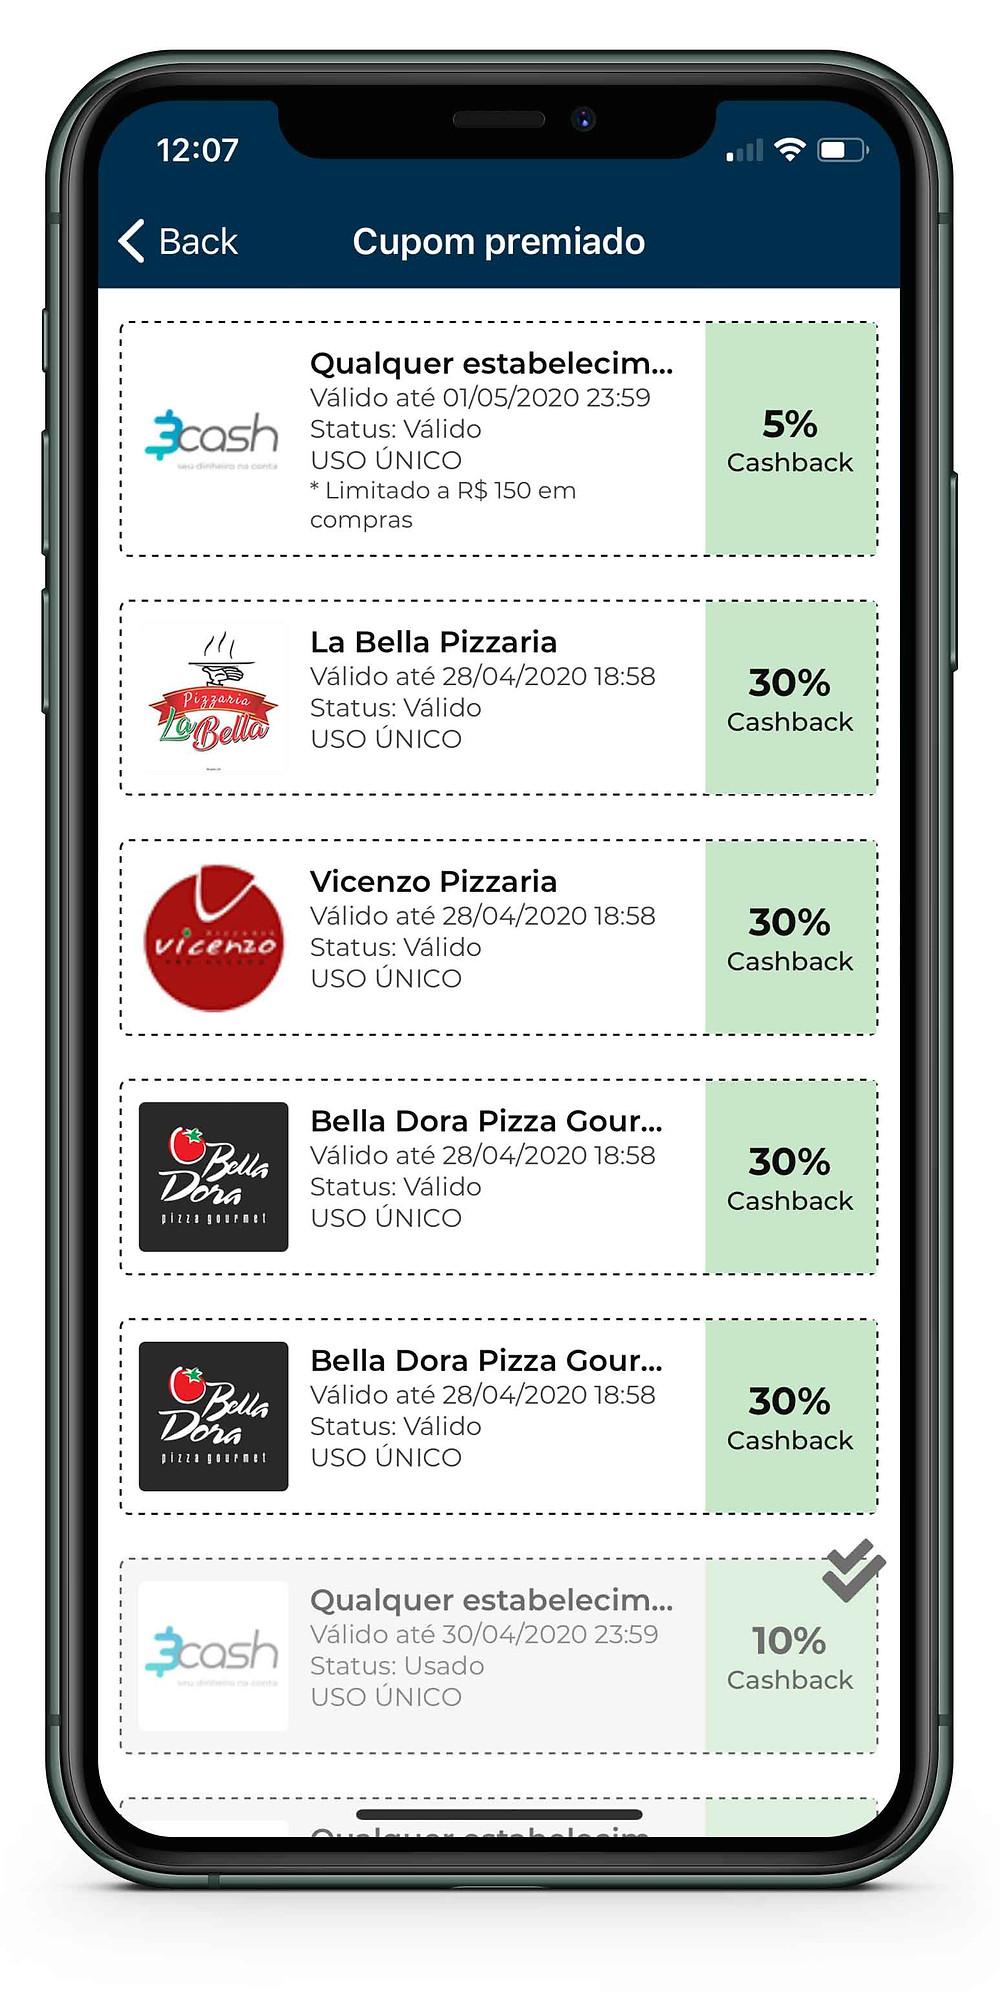 Cupons-Premiados-do-App-3cash.